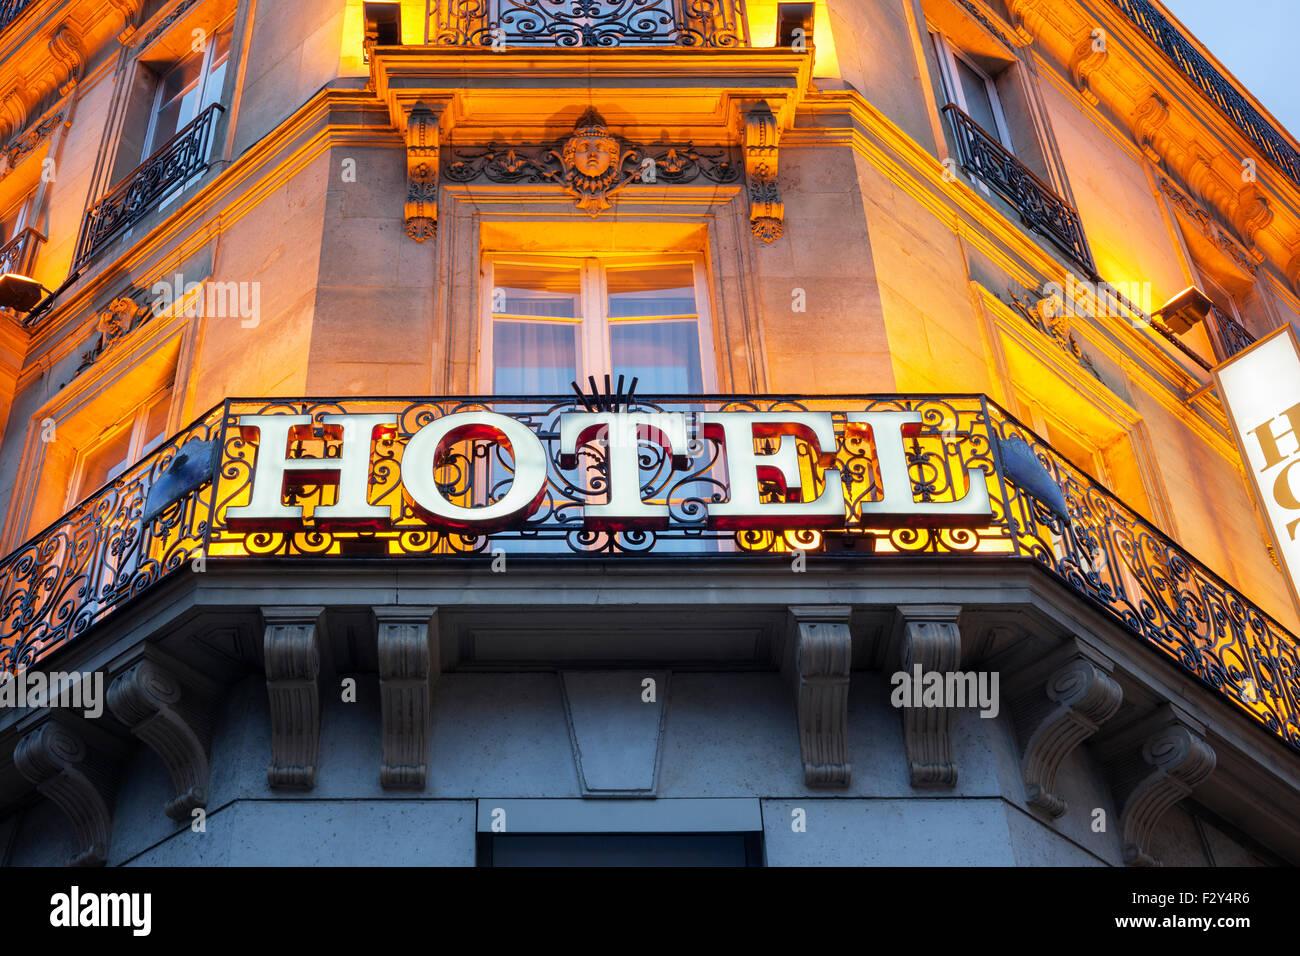 Signo de Hotel Imagen De Stock